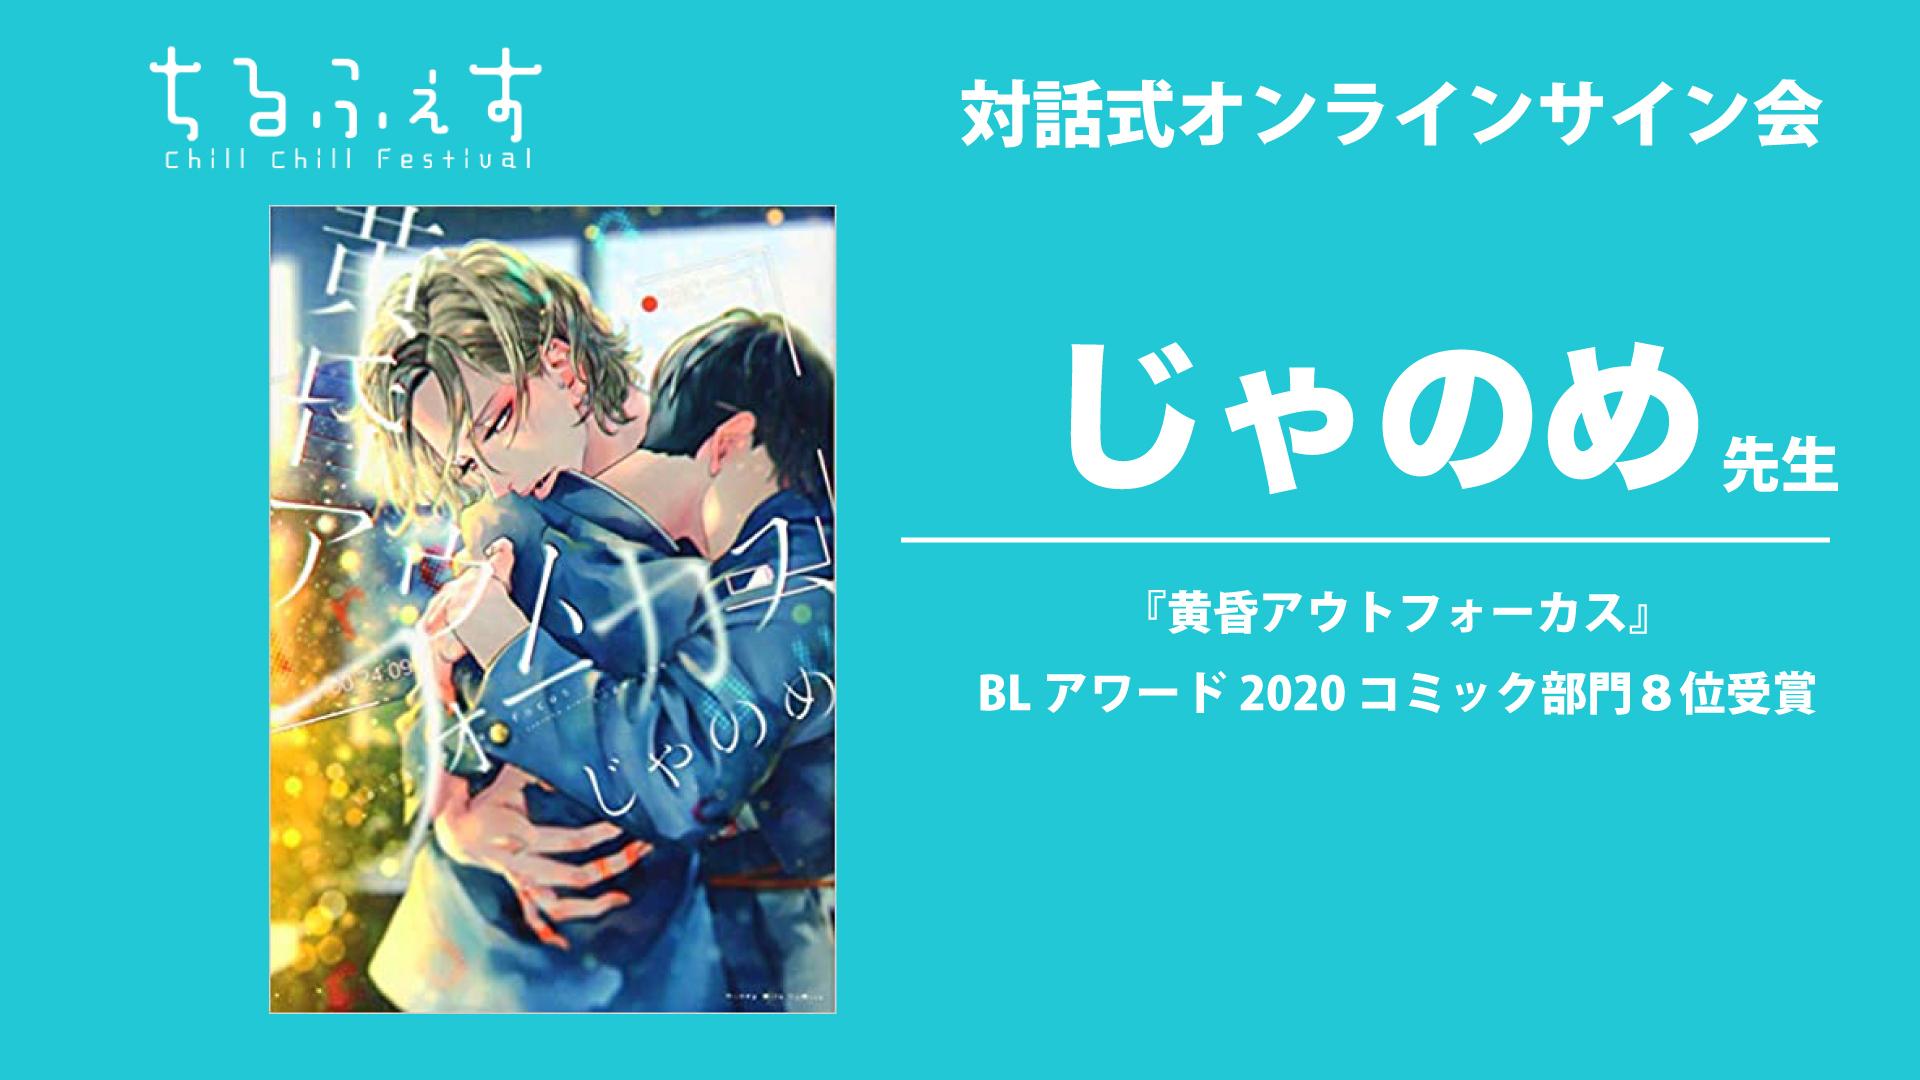 【CHILL CHILL FESTIVAL 3rd】じゃのめ先生オンラインサイン会